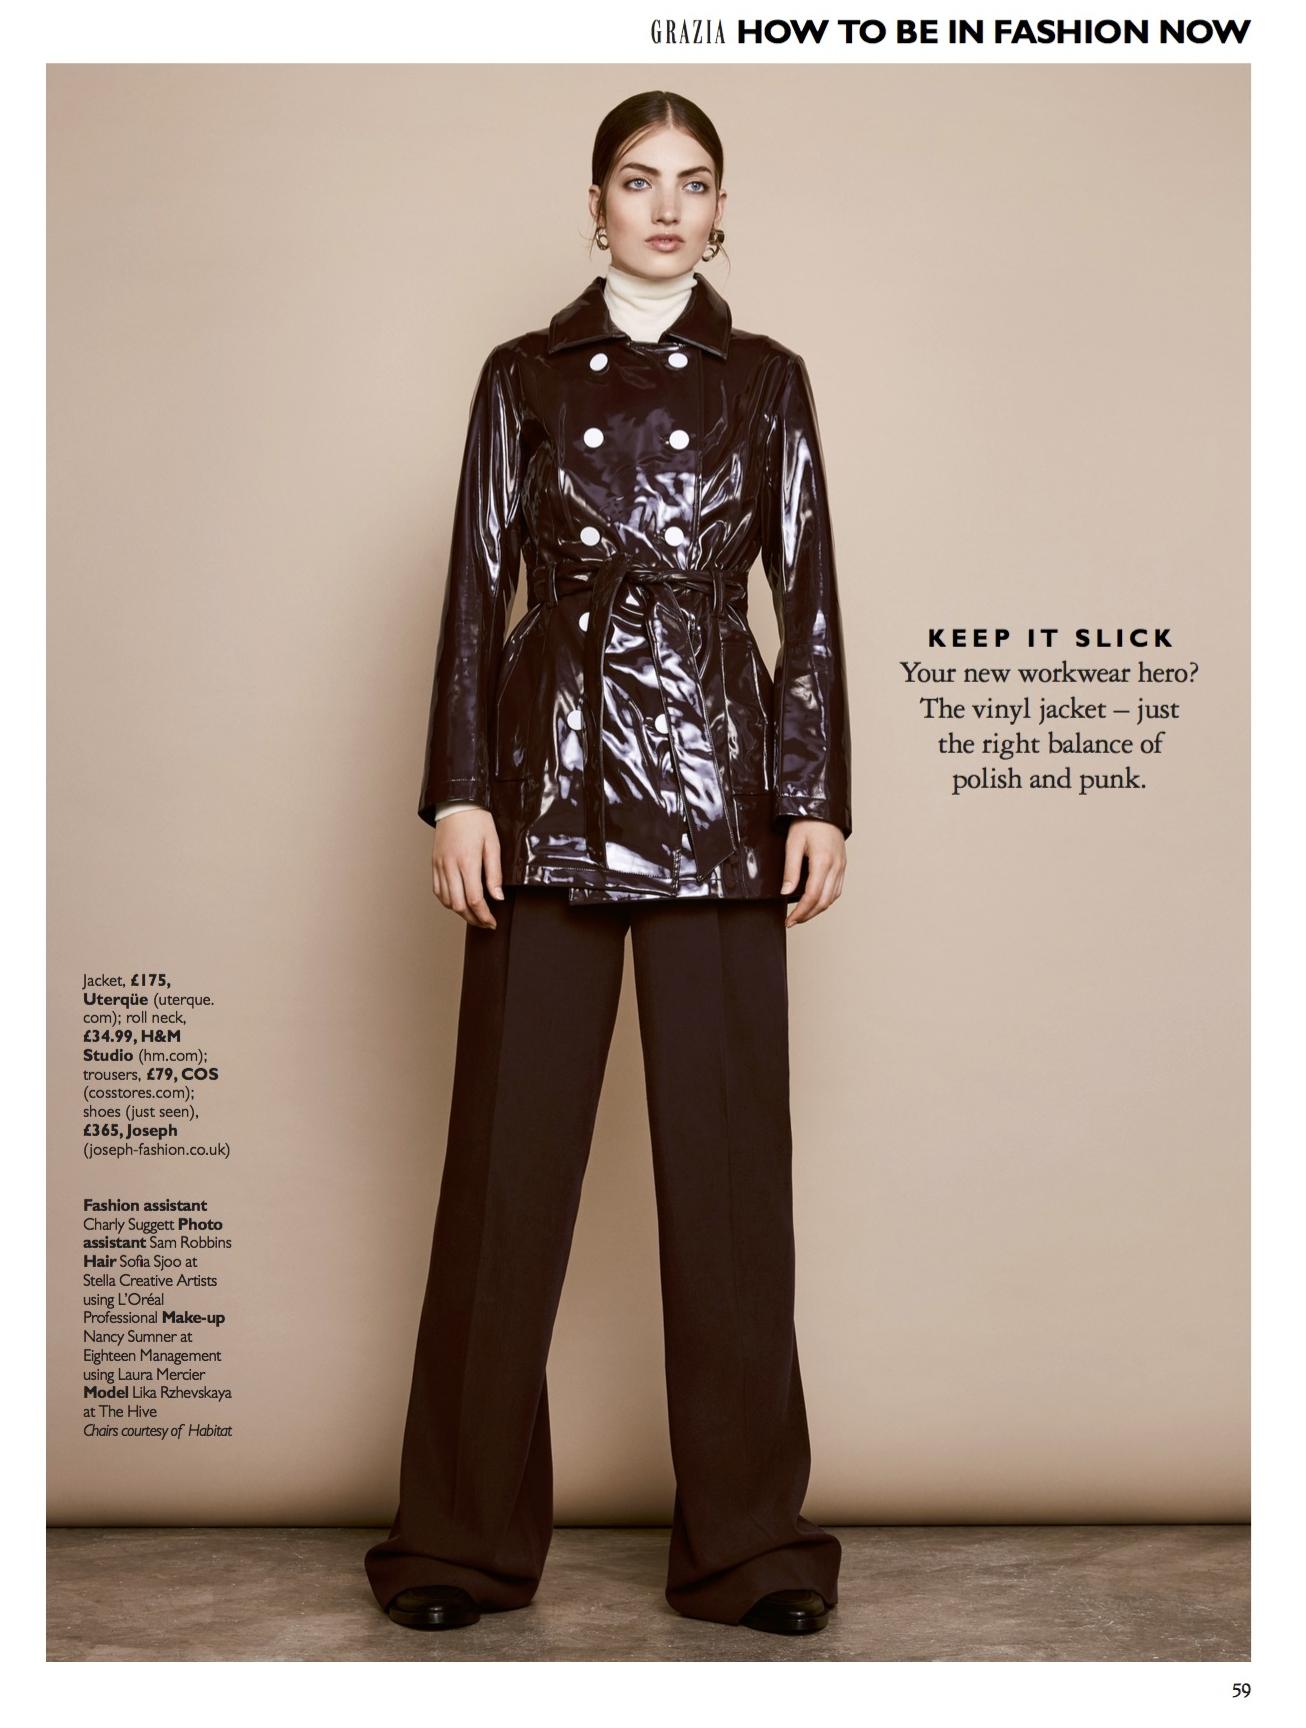 Fashion_Wardrobe Workshop Workwear_pdf_8 copy.jpg